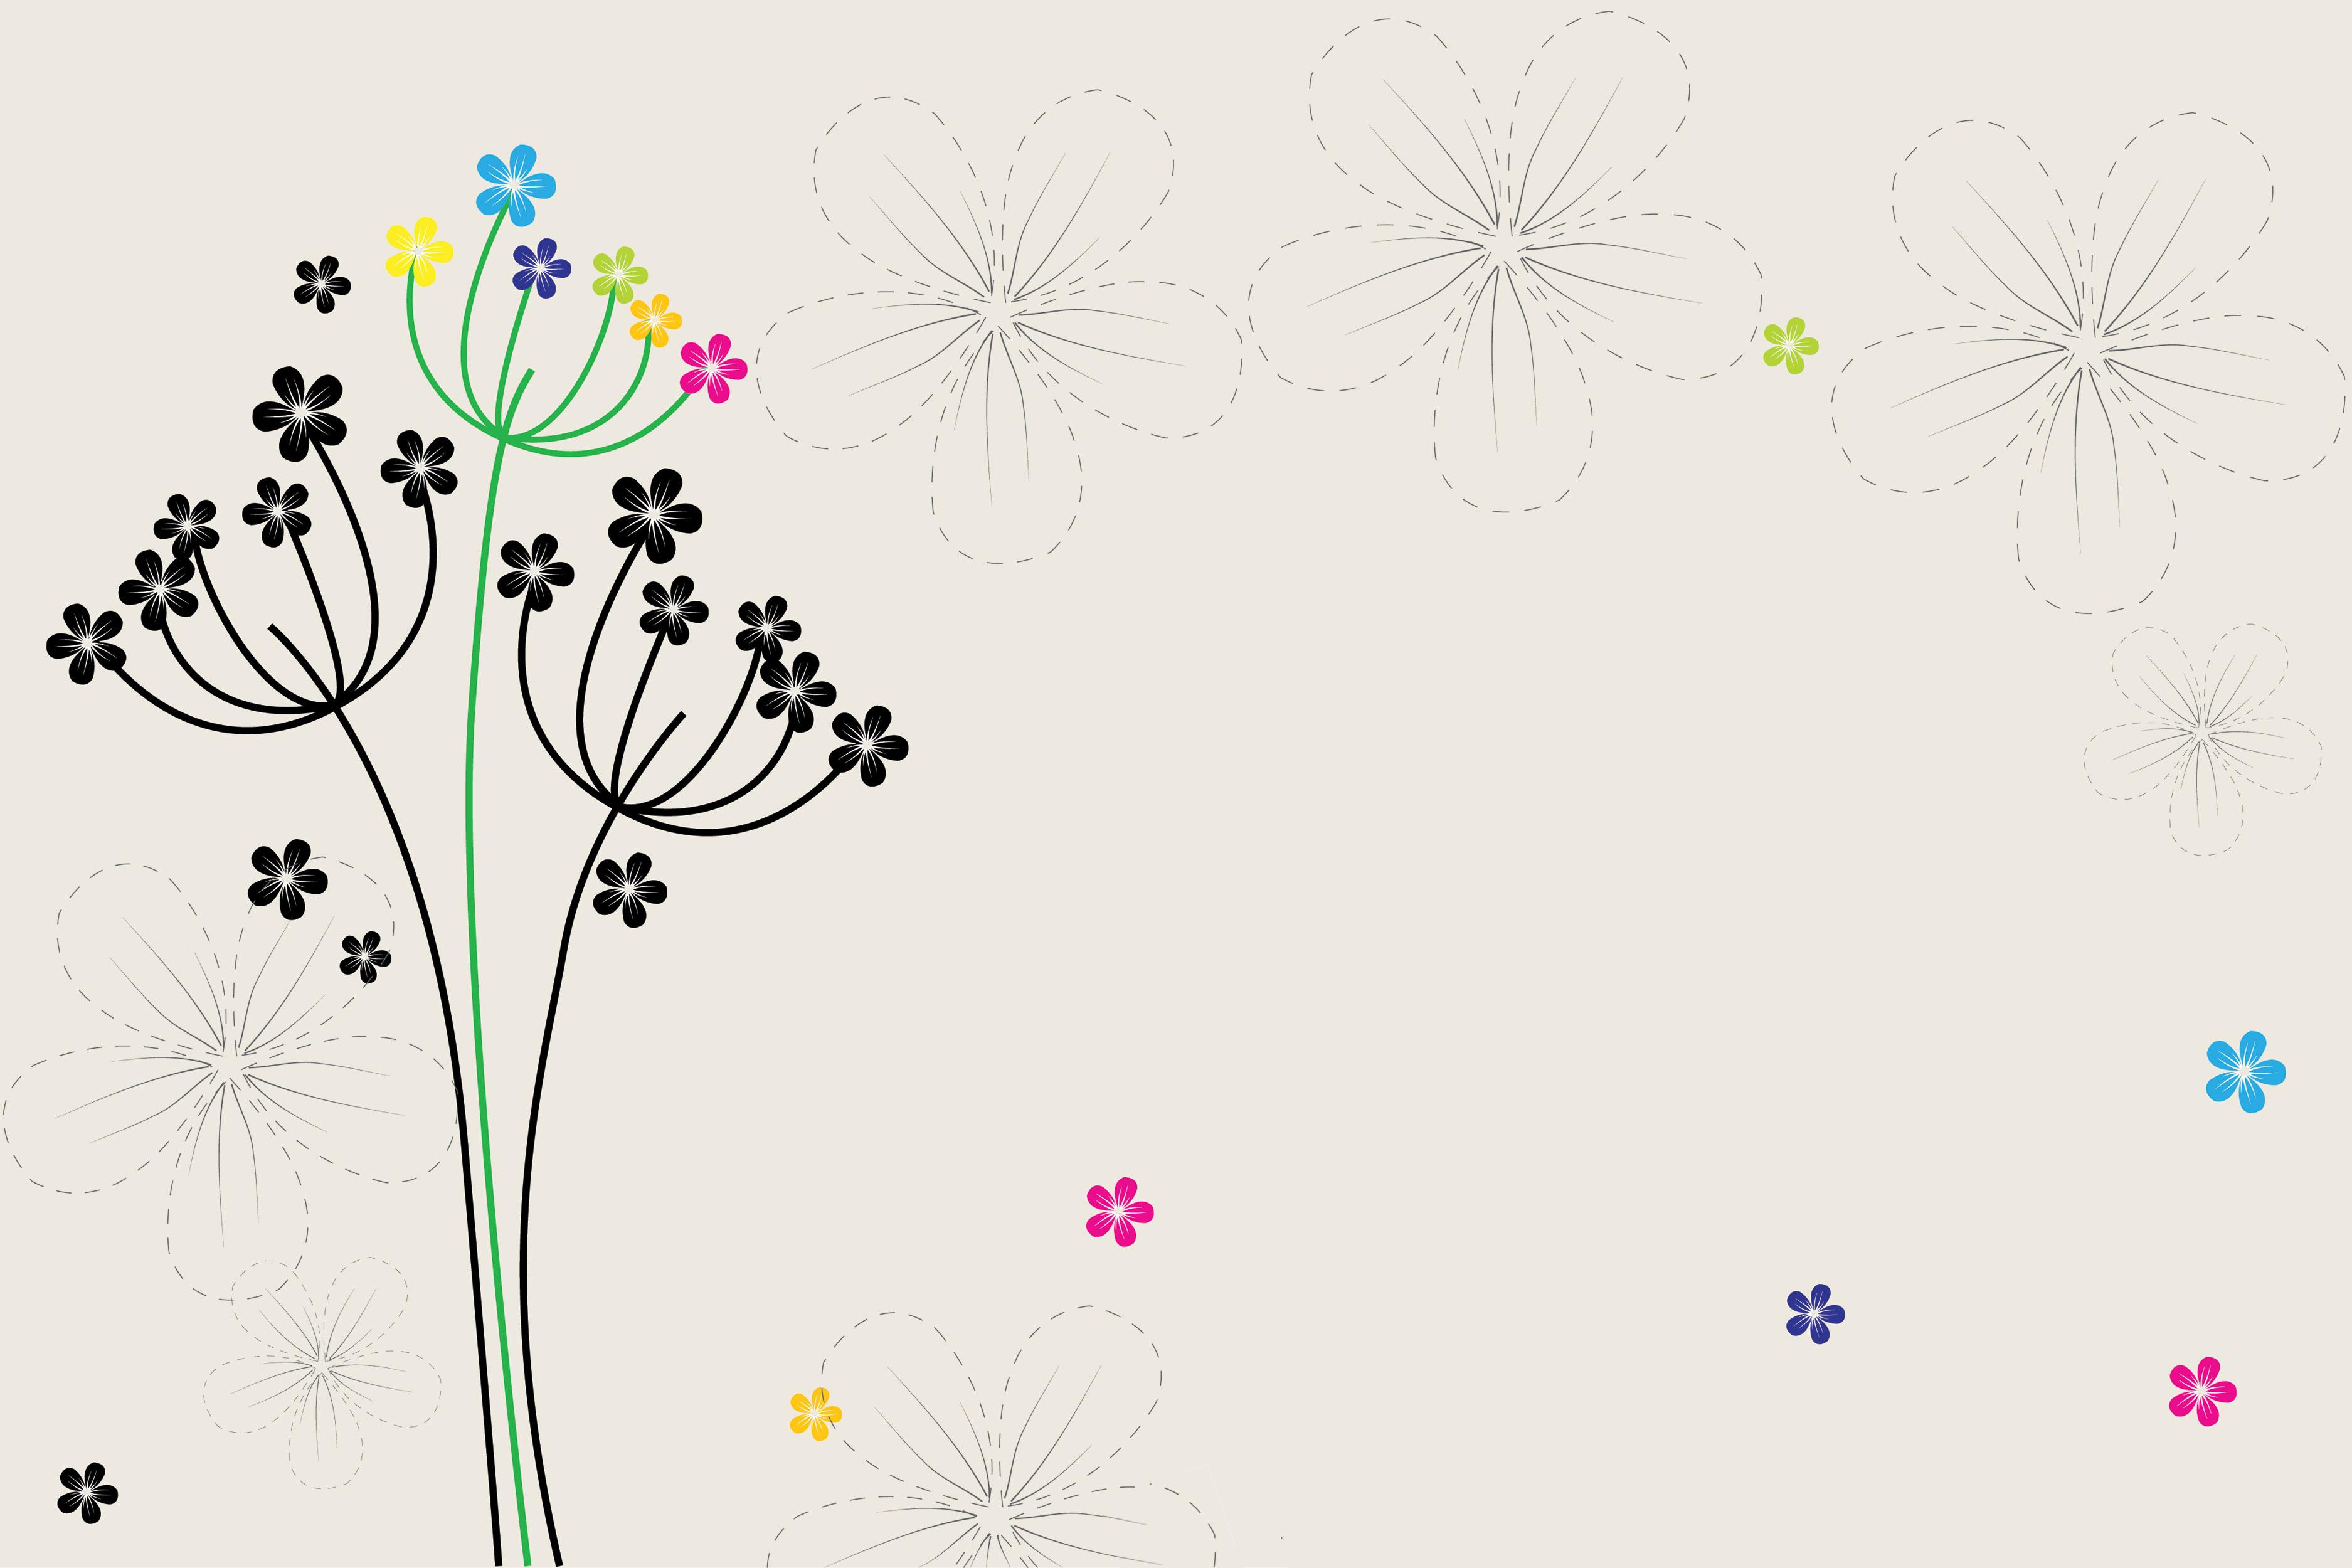 花のイラスト・フリー素材/壁紙・背景no.121『かわいい草花・グレー』